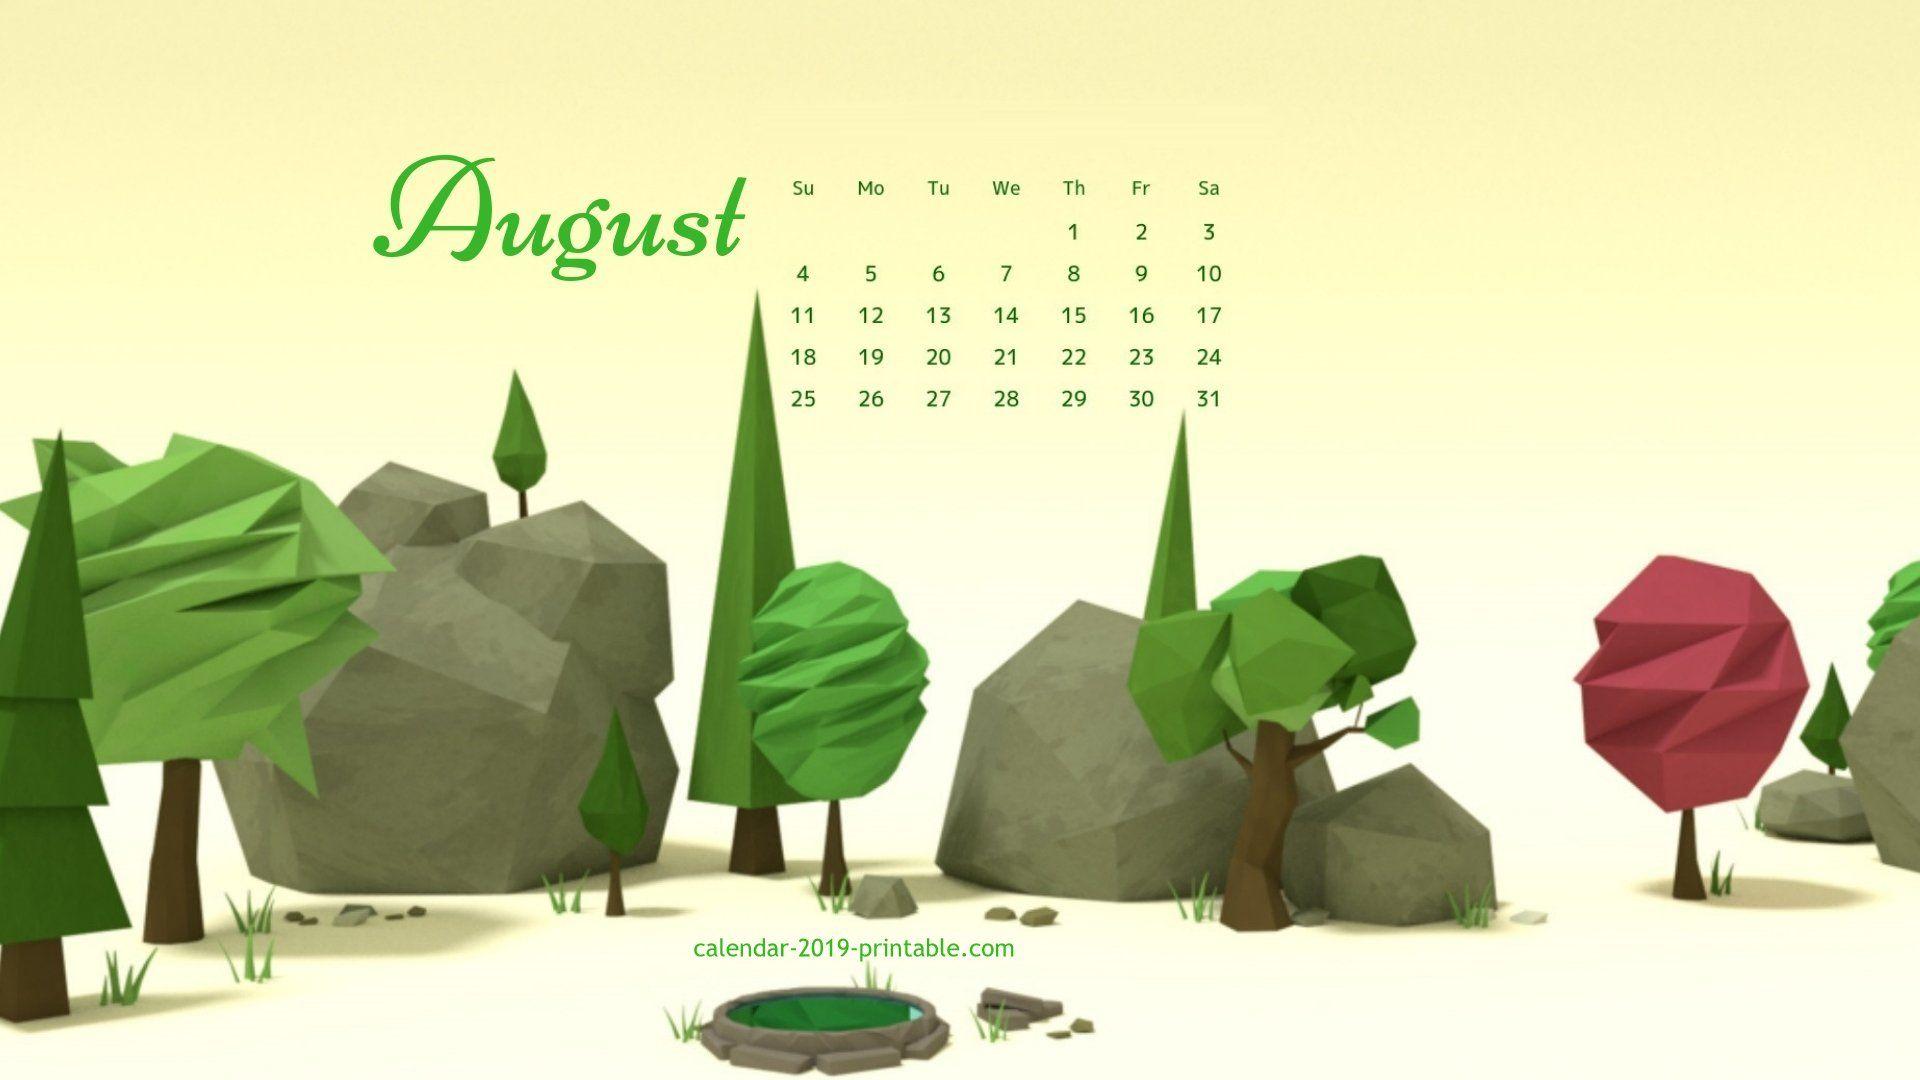 August 2019 Desktop Background Calendar Calendar Wallpaper Desktop Calendar Desktop Wallpaper Calendar